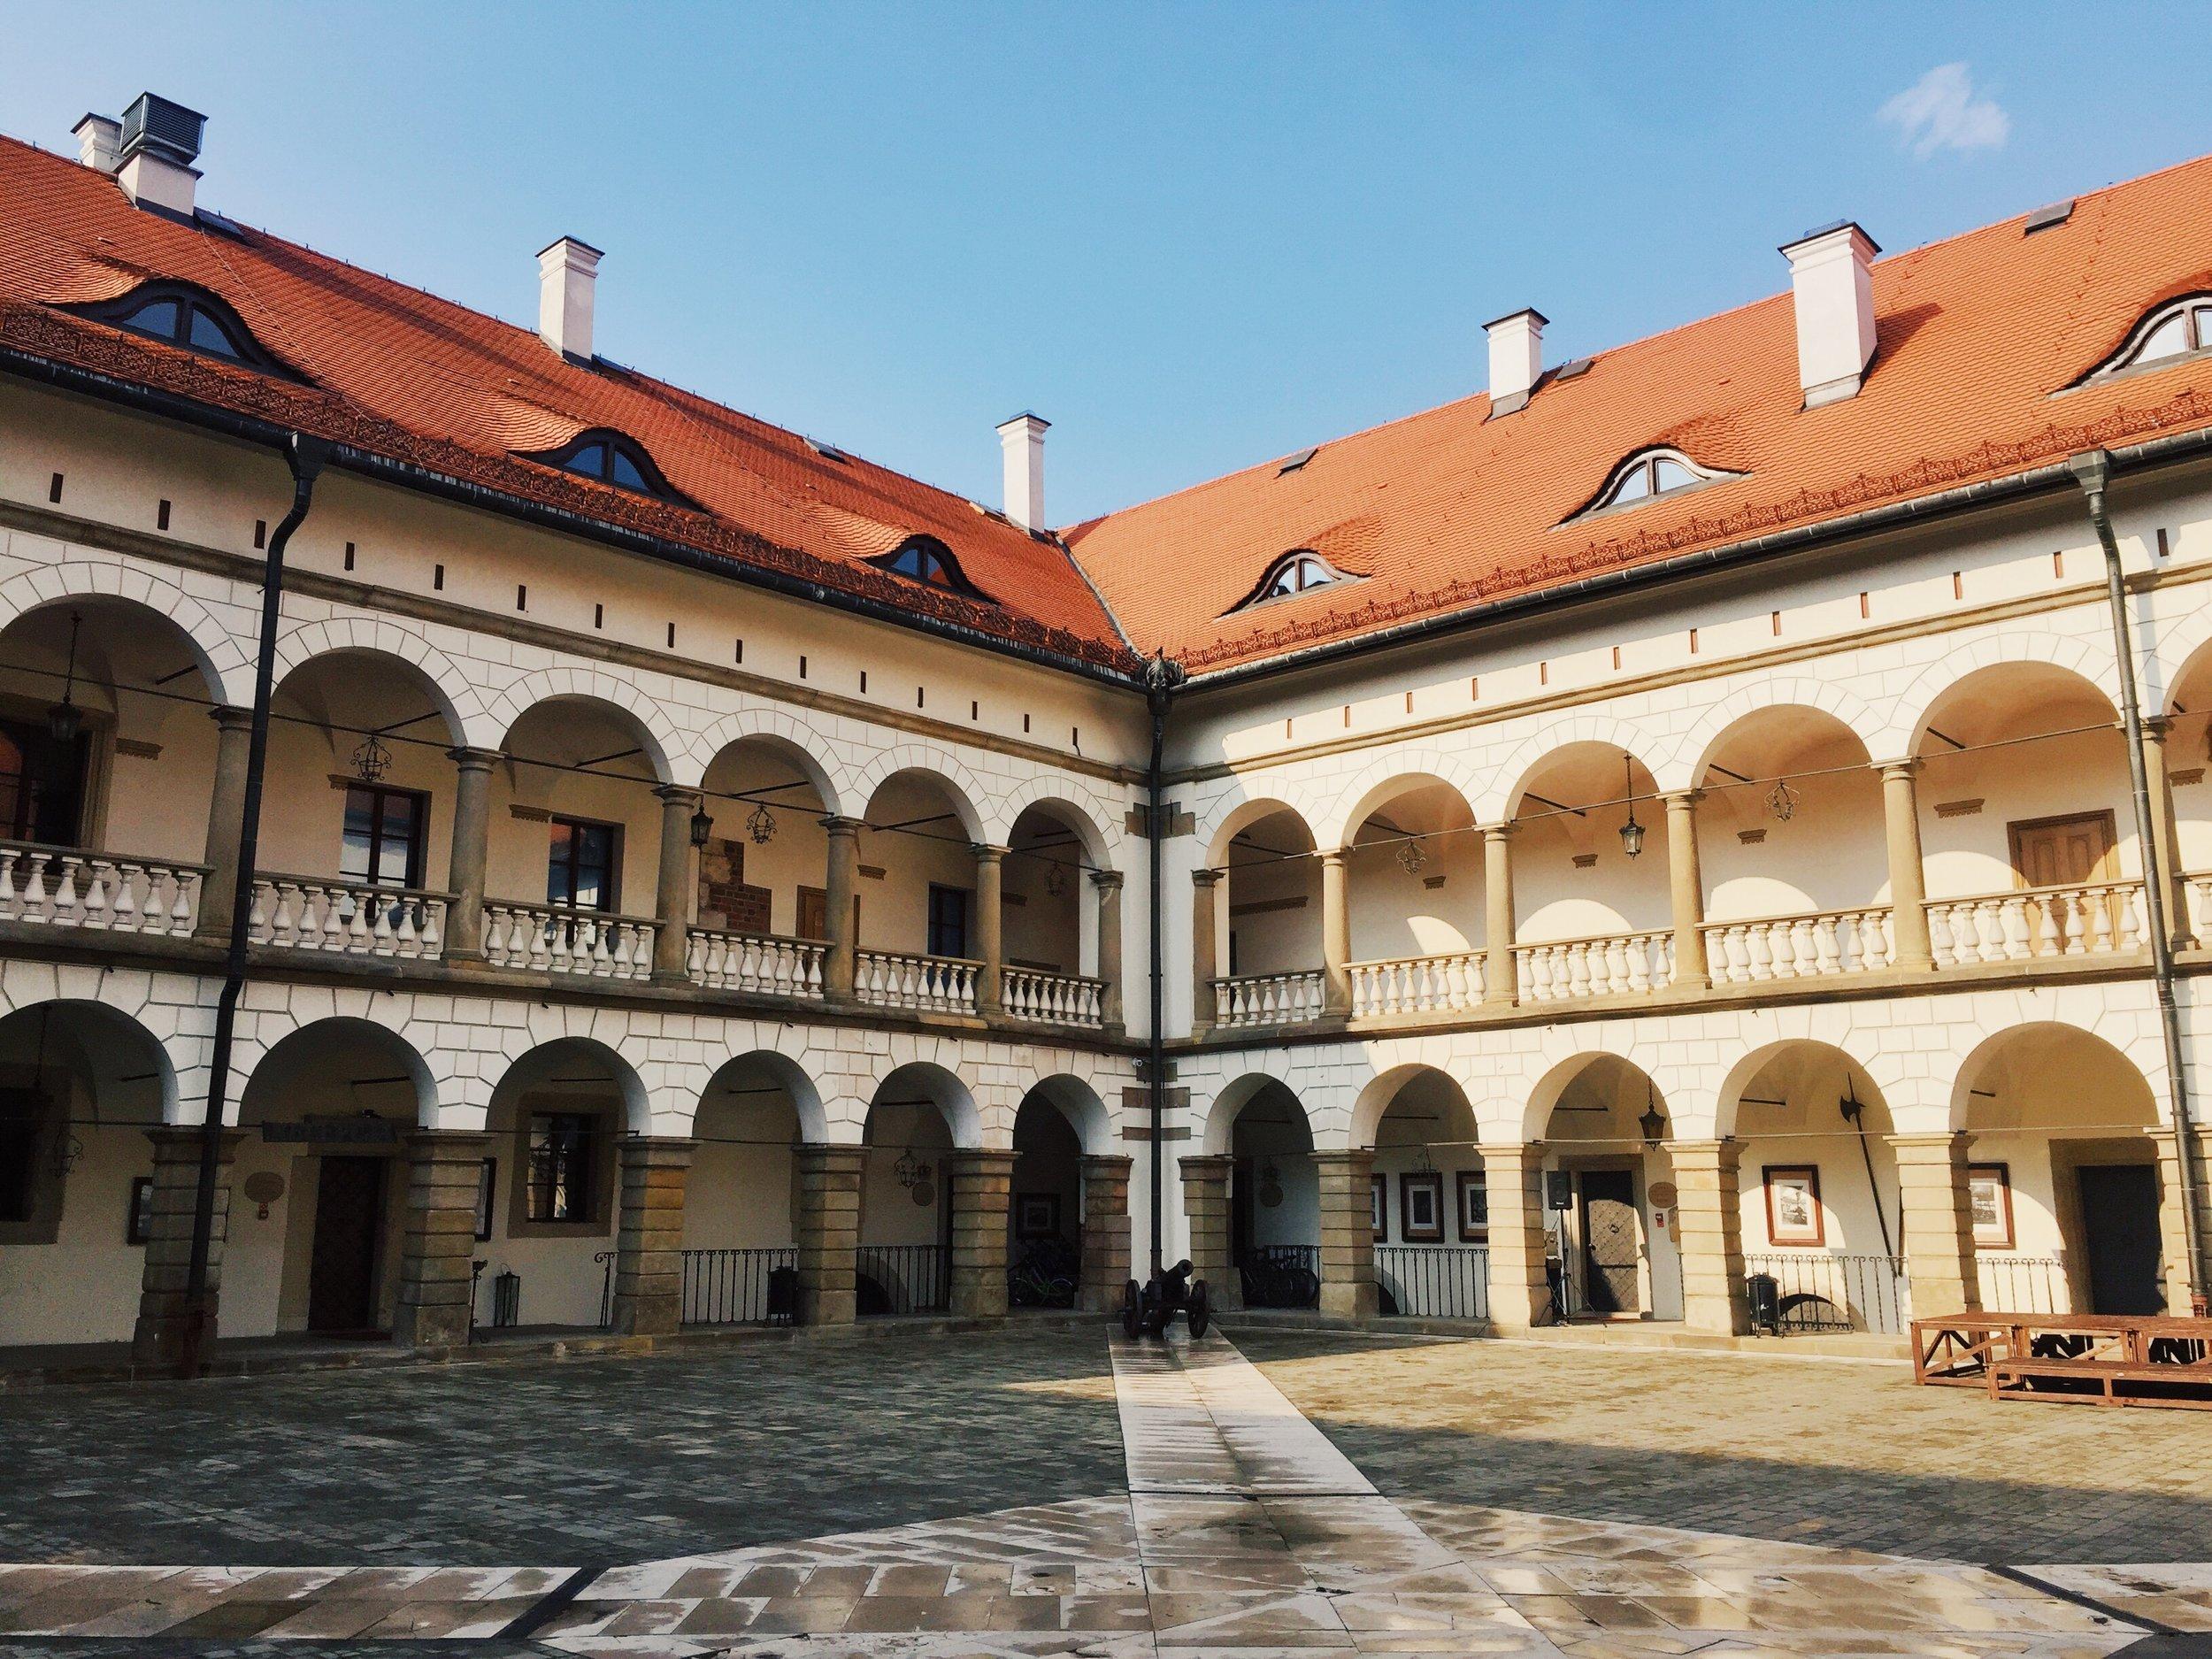 Zamek Królewski w Niepołomicach -Niepołomice Castle. The sun finally came out!